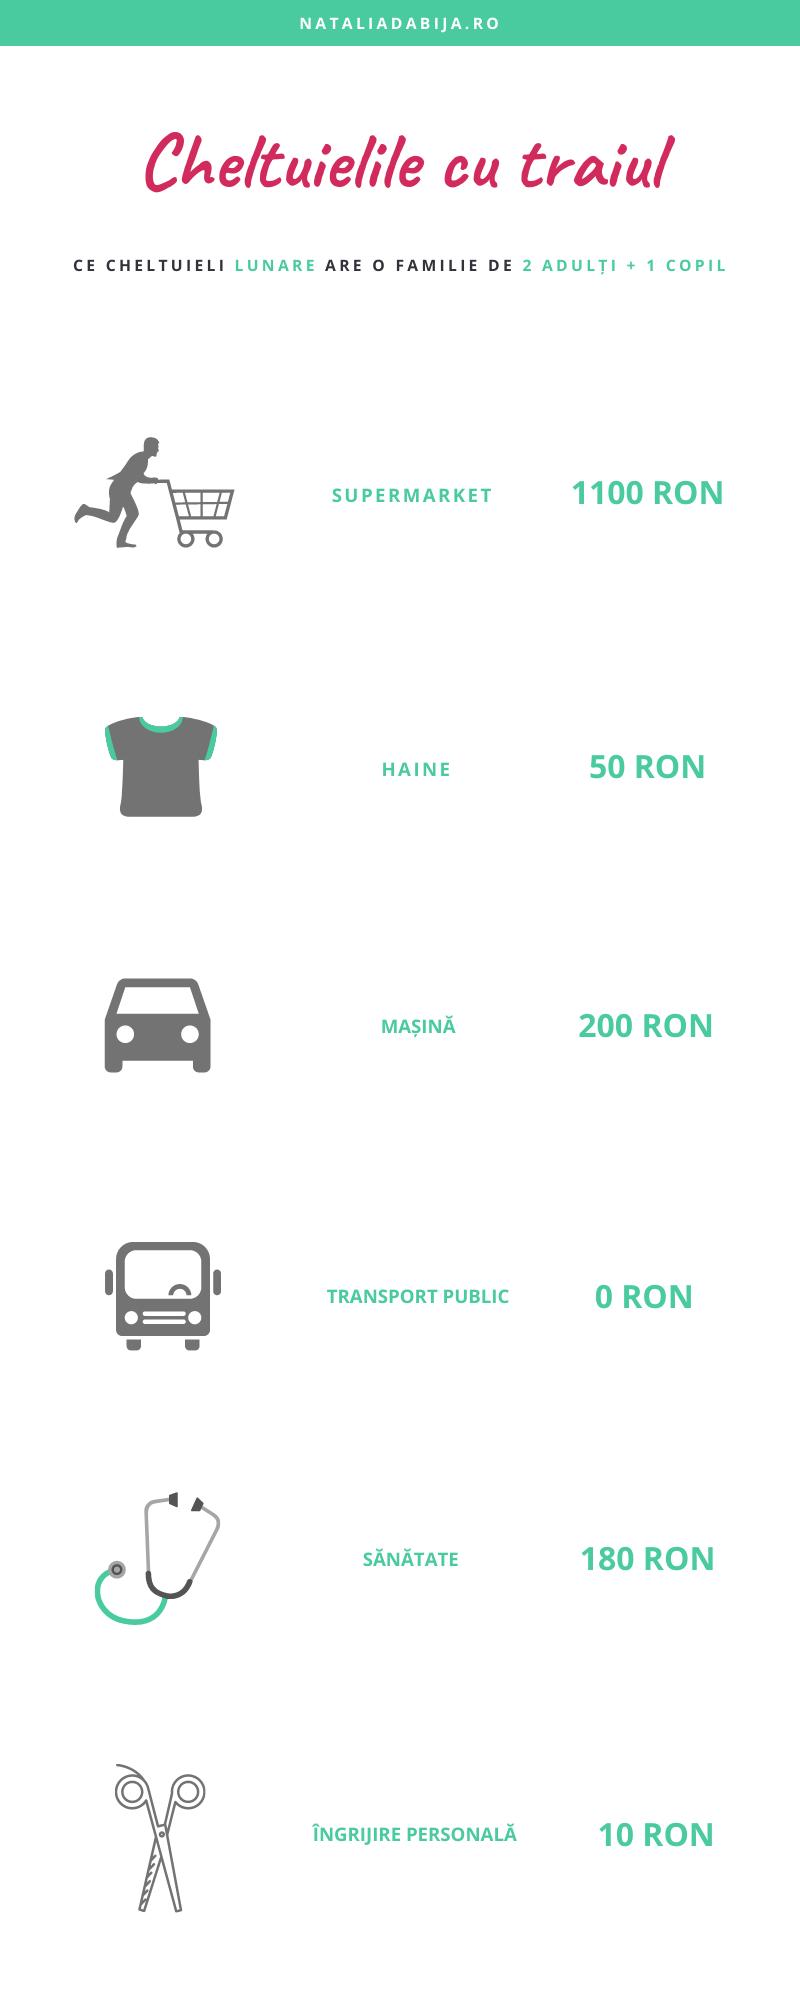 Cheltuielile cu traiul ale unei familii de 3:  supermaket - 1100 Ron, haine - 50 ron, masina - 200 ron, transport public - 0 ron, sănătate - 180 ron, îngrijirie personală - 10 ron